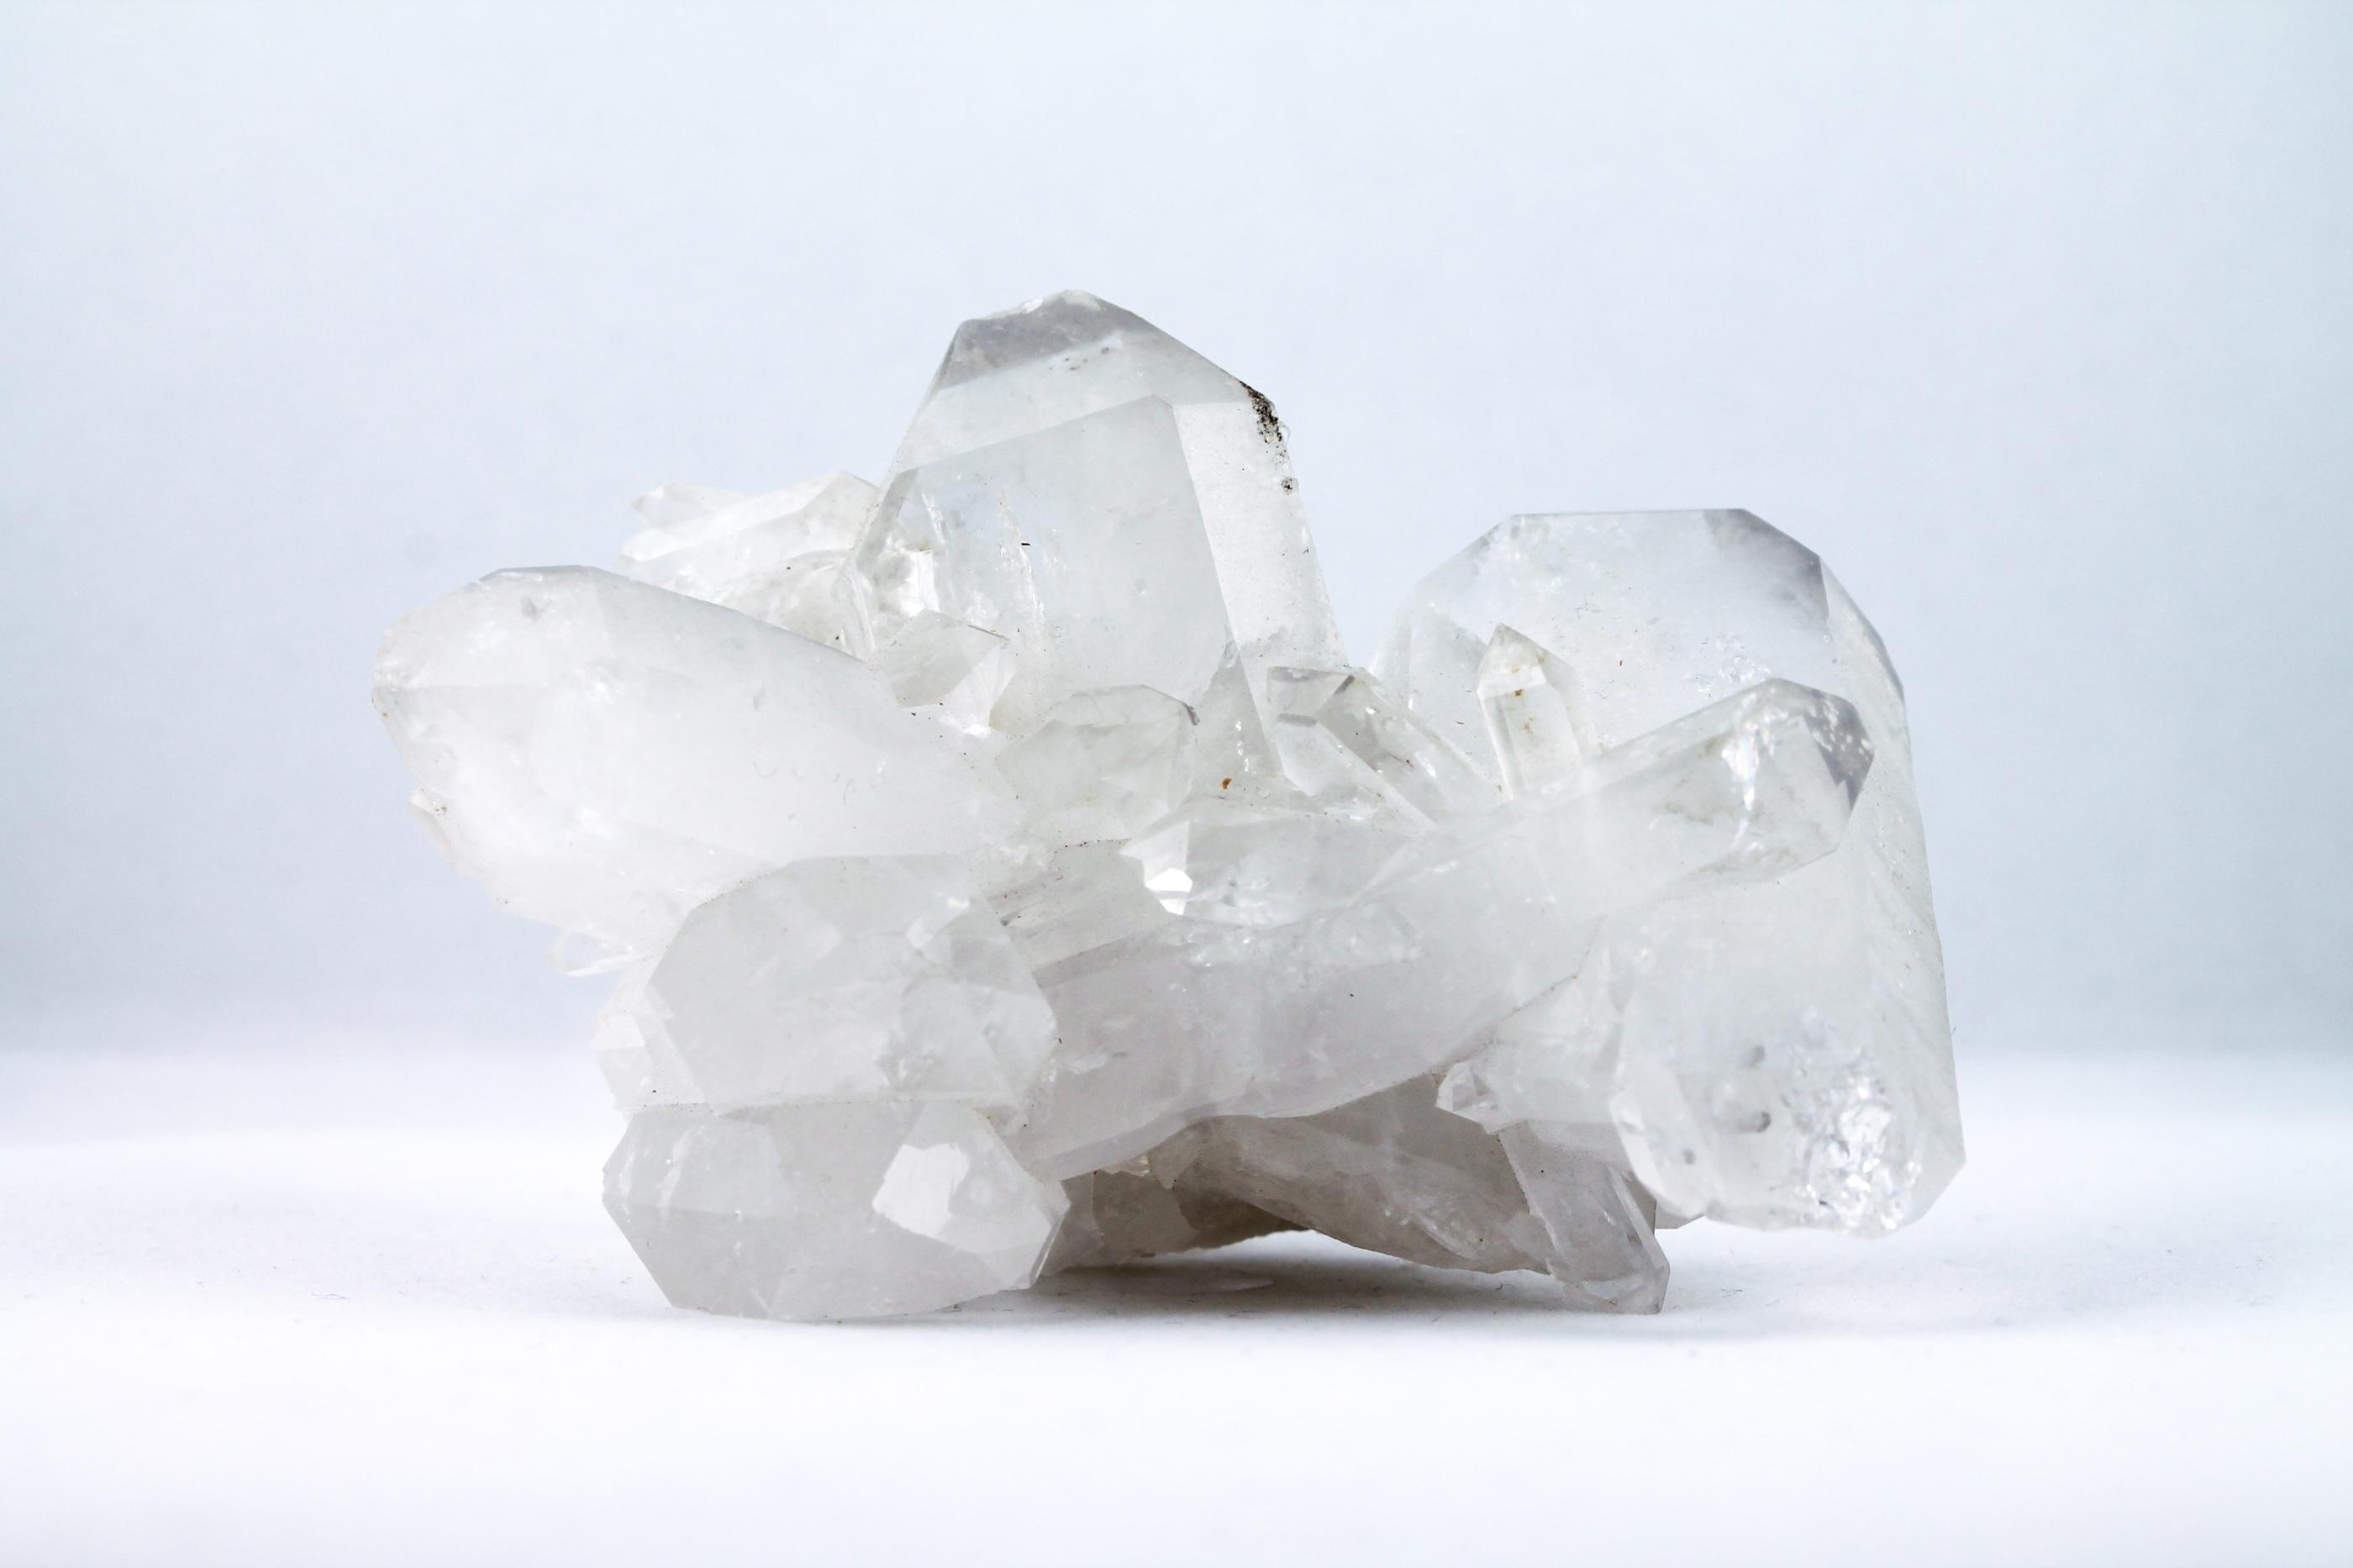 Bergkristall kluster trumlade spets stav kristaller slipade stenar healing stenar chakra stenar Wellness Ayurveda Halmstadmassören Halmstad Sverige Sweden svensk